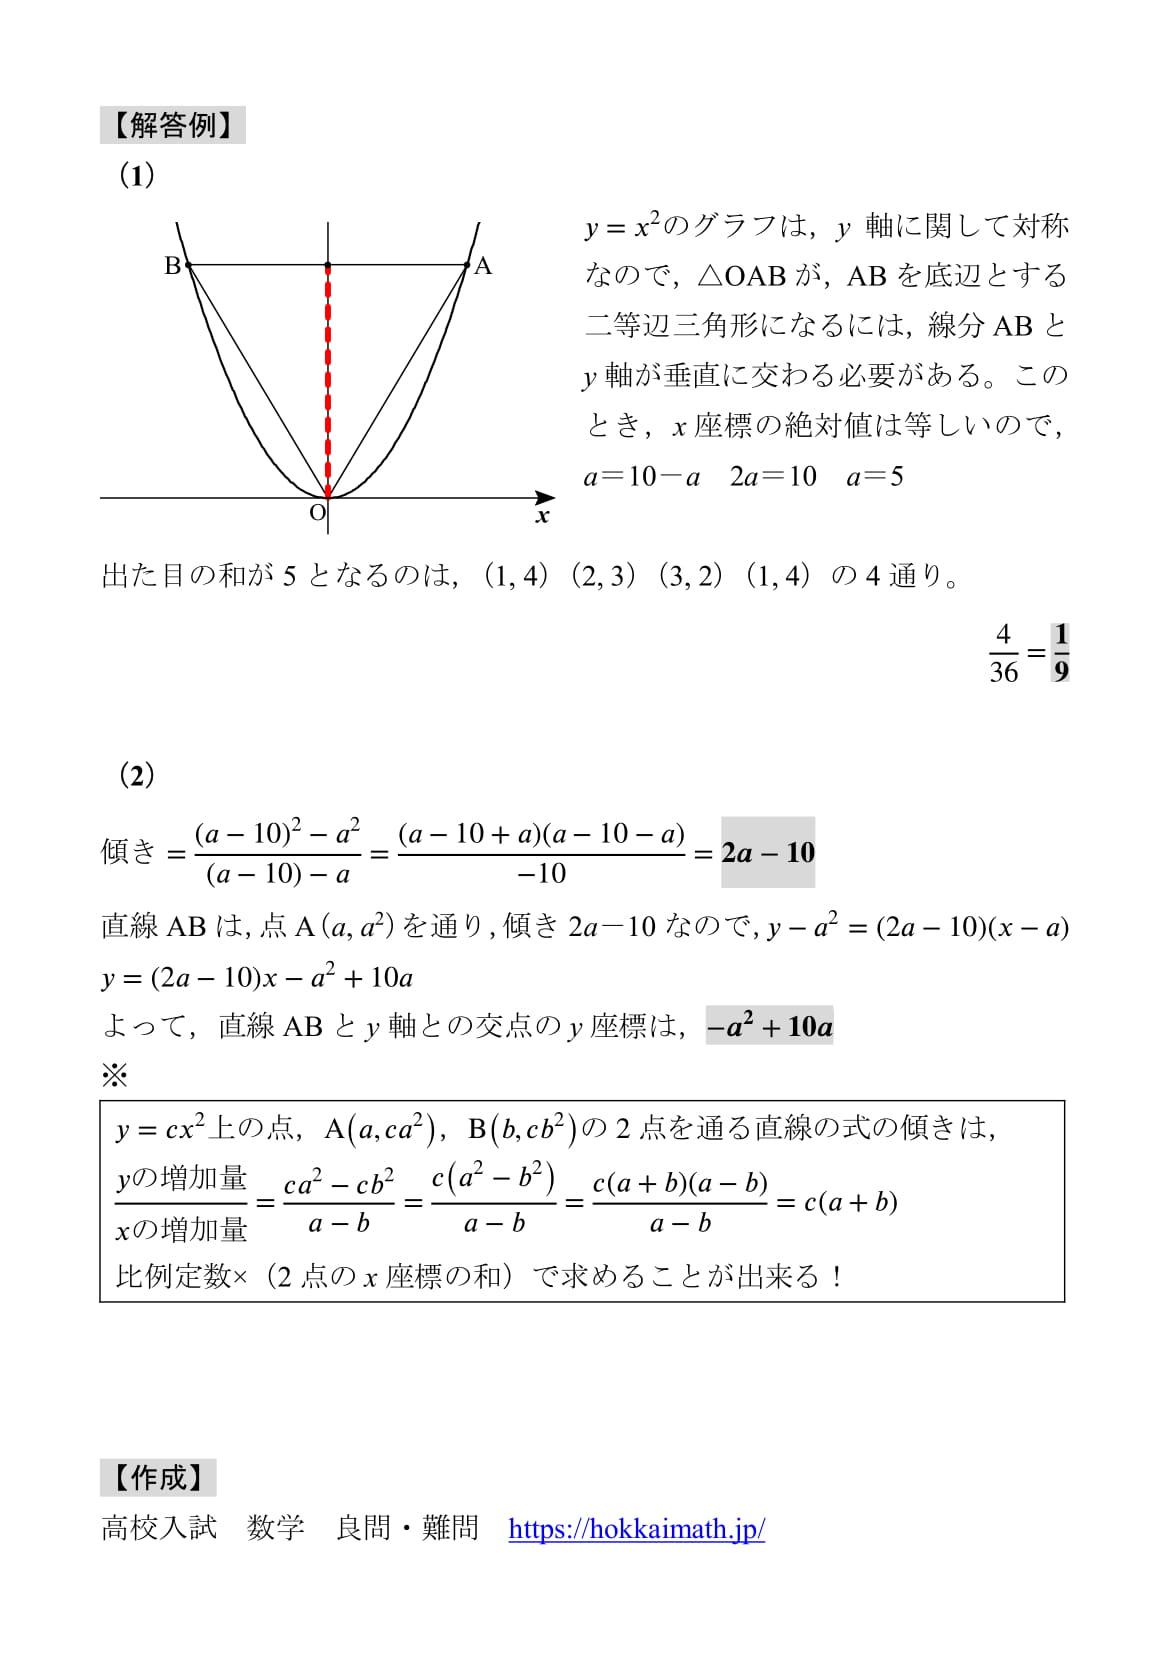 1998 筑駒 高校入試 数学 解説 関数